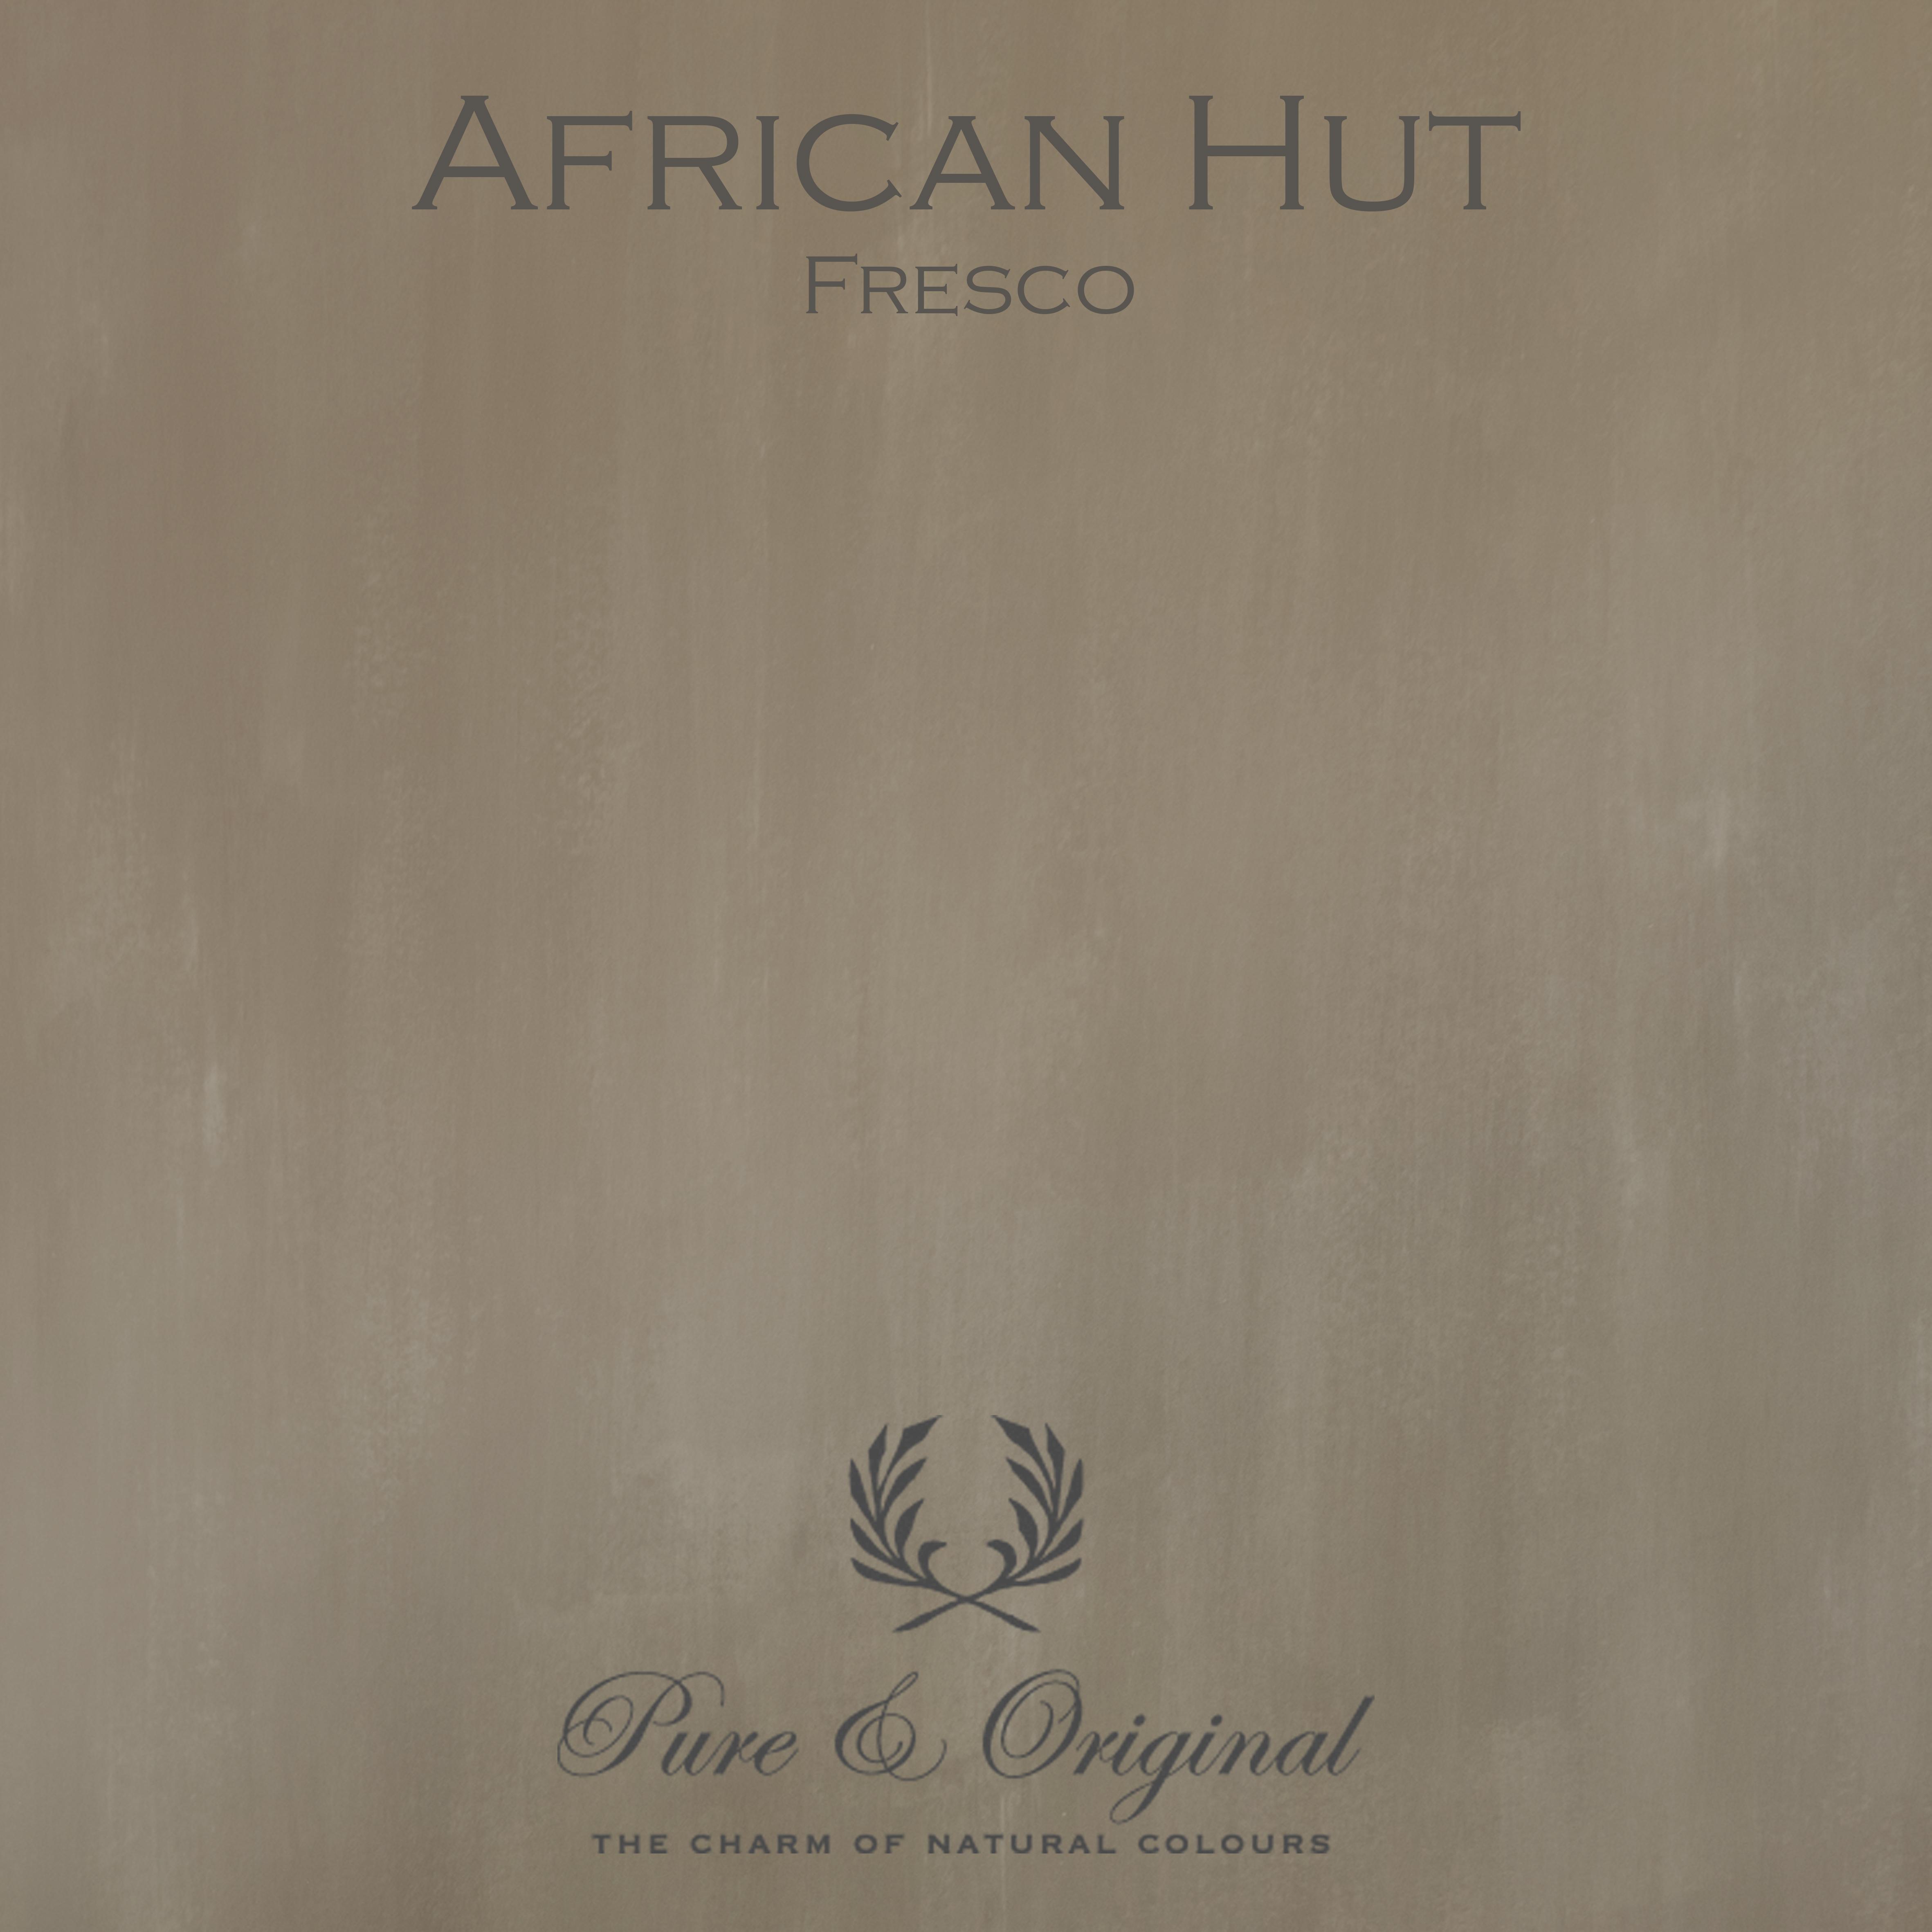 Kulör African Hut, Fresco kalkfärg